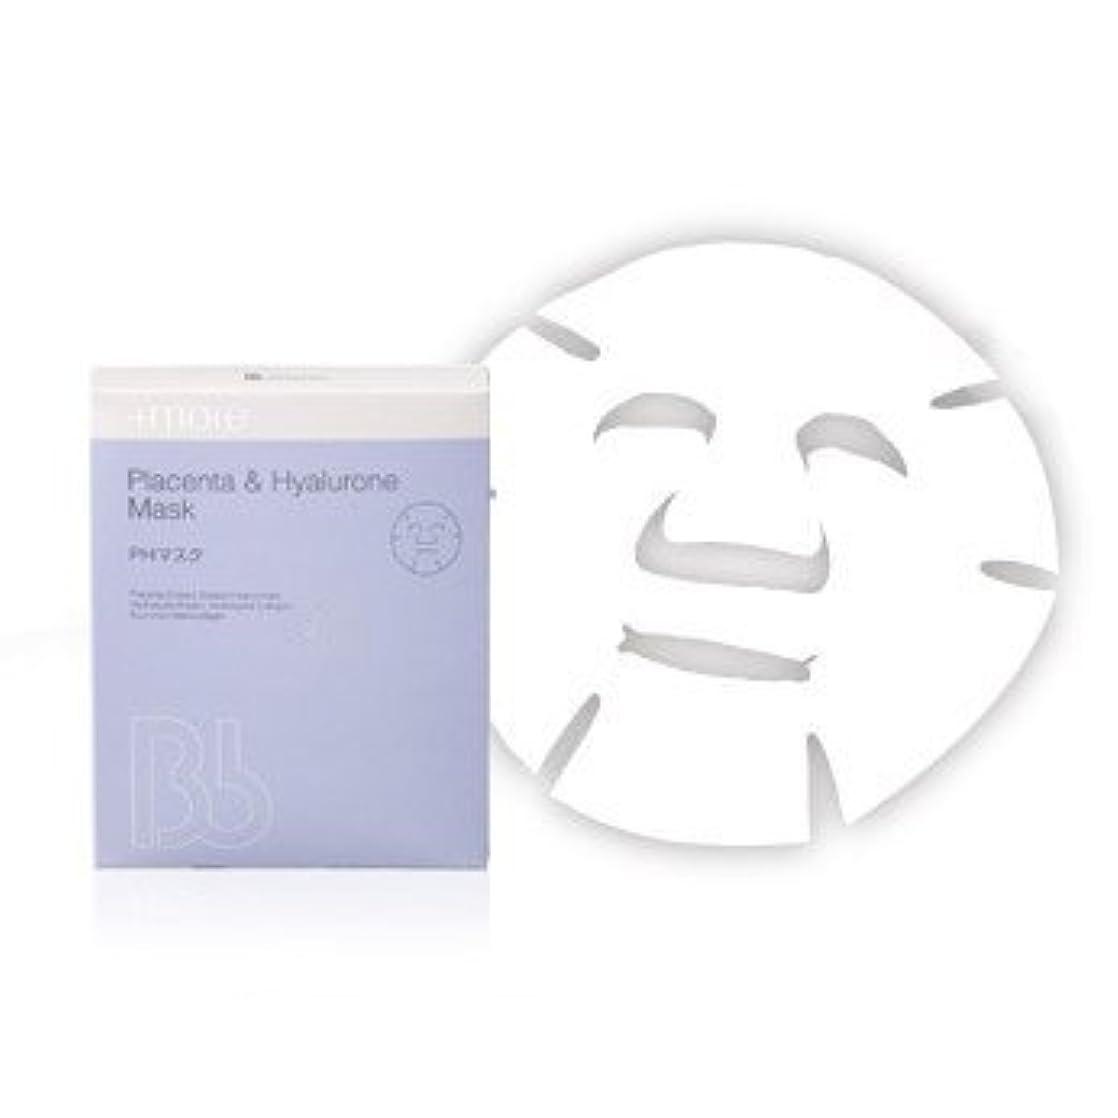 エイズ高架フォーラムBbラボラトリーズ プラセンタ ヒアルロンマスク PHマスク(パック) 30ml 4枚入り